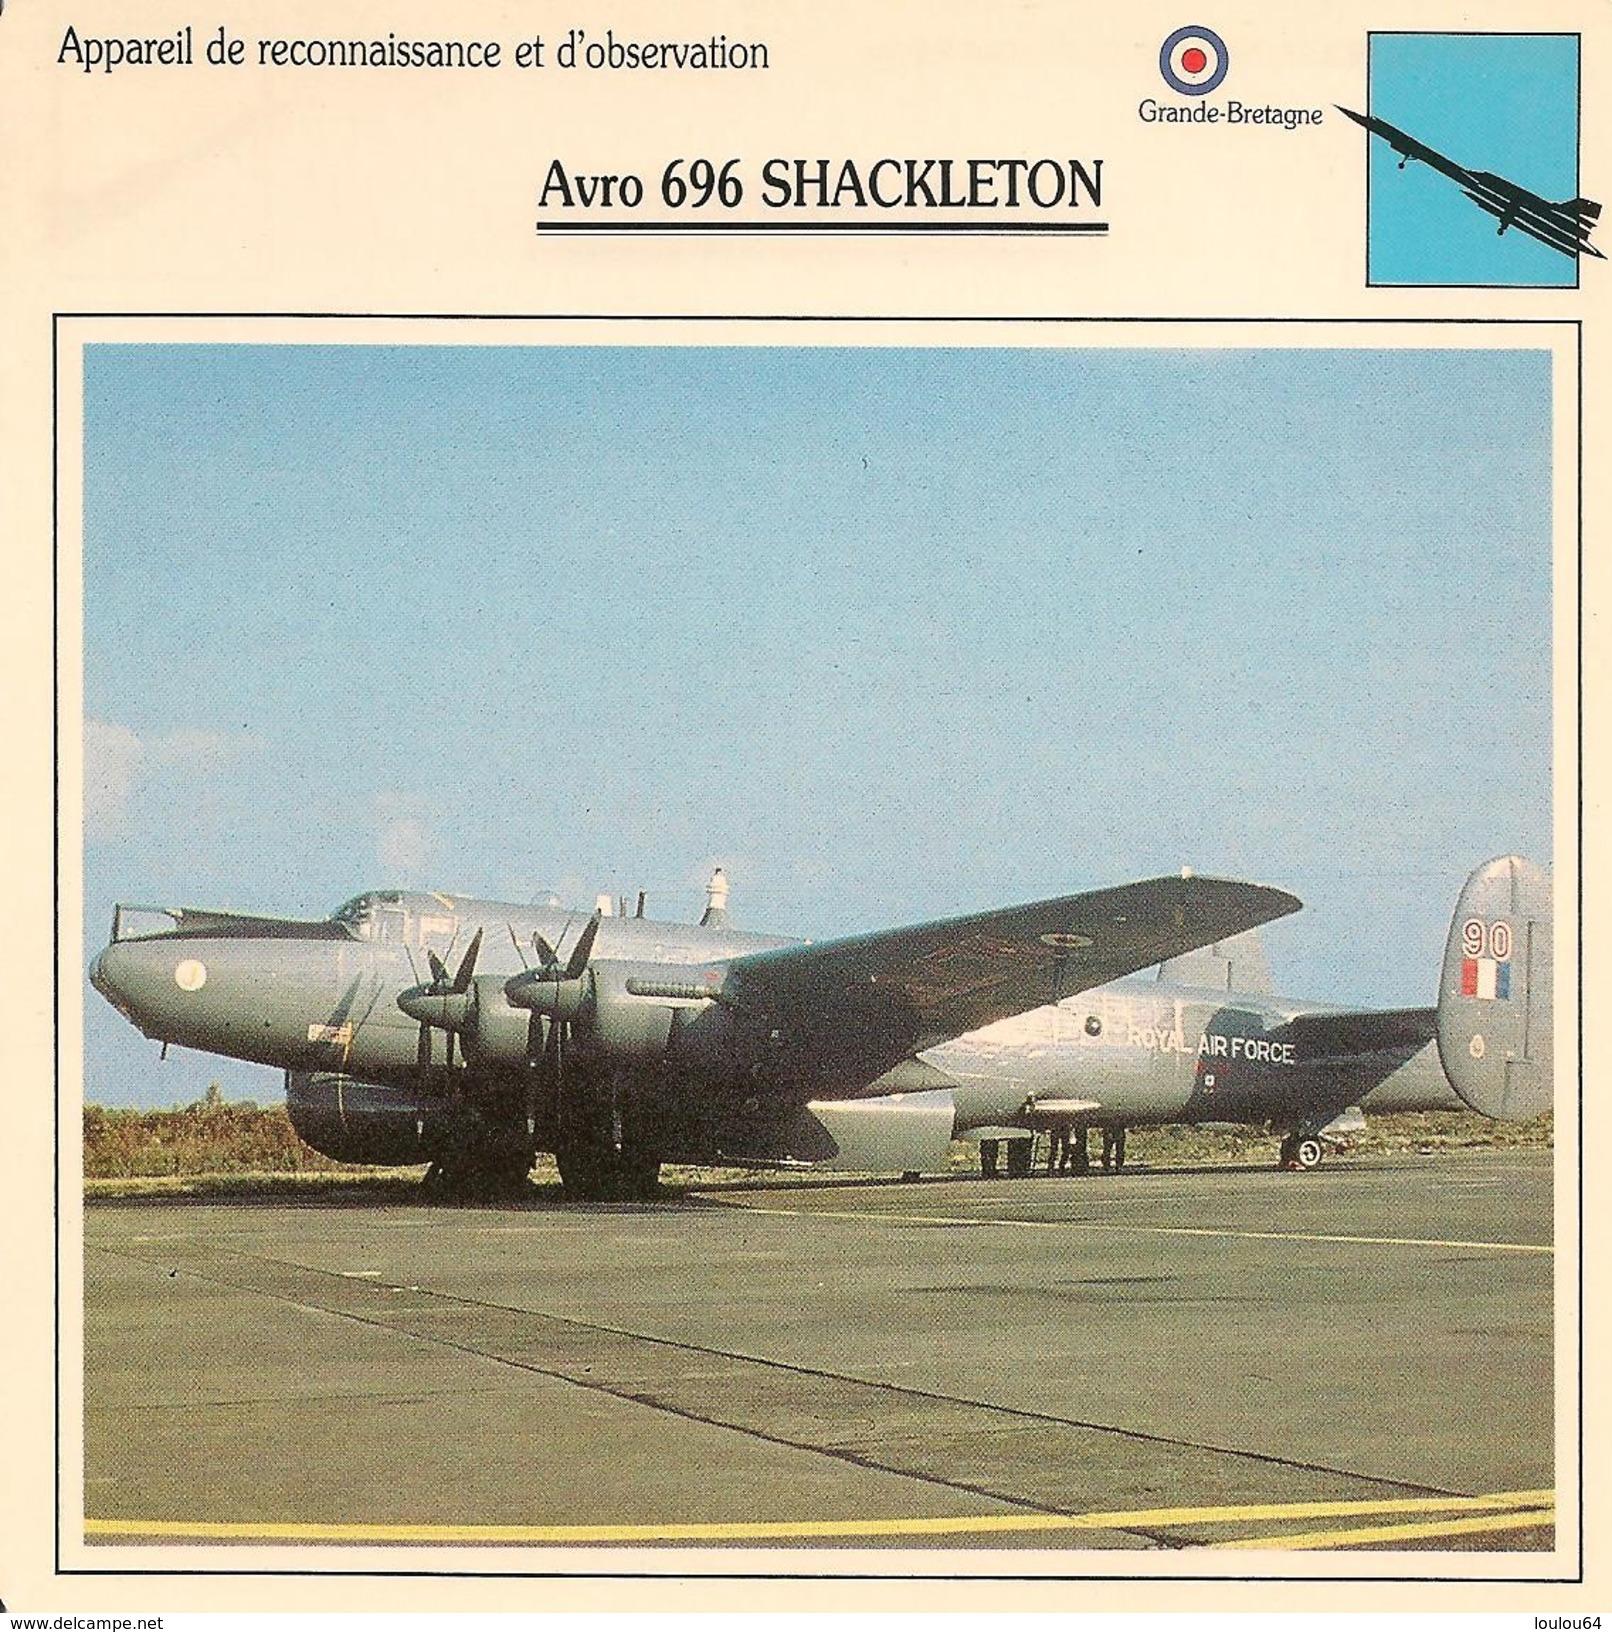 Fiches Illustrées - Caractéristiques Avions - Appareil De Reconnaissance - Avro 696 SHACKLETON - Grande Bretagne - (37) - Aviation